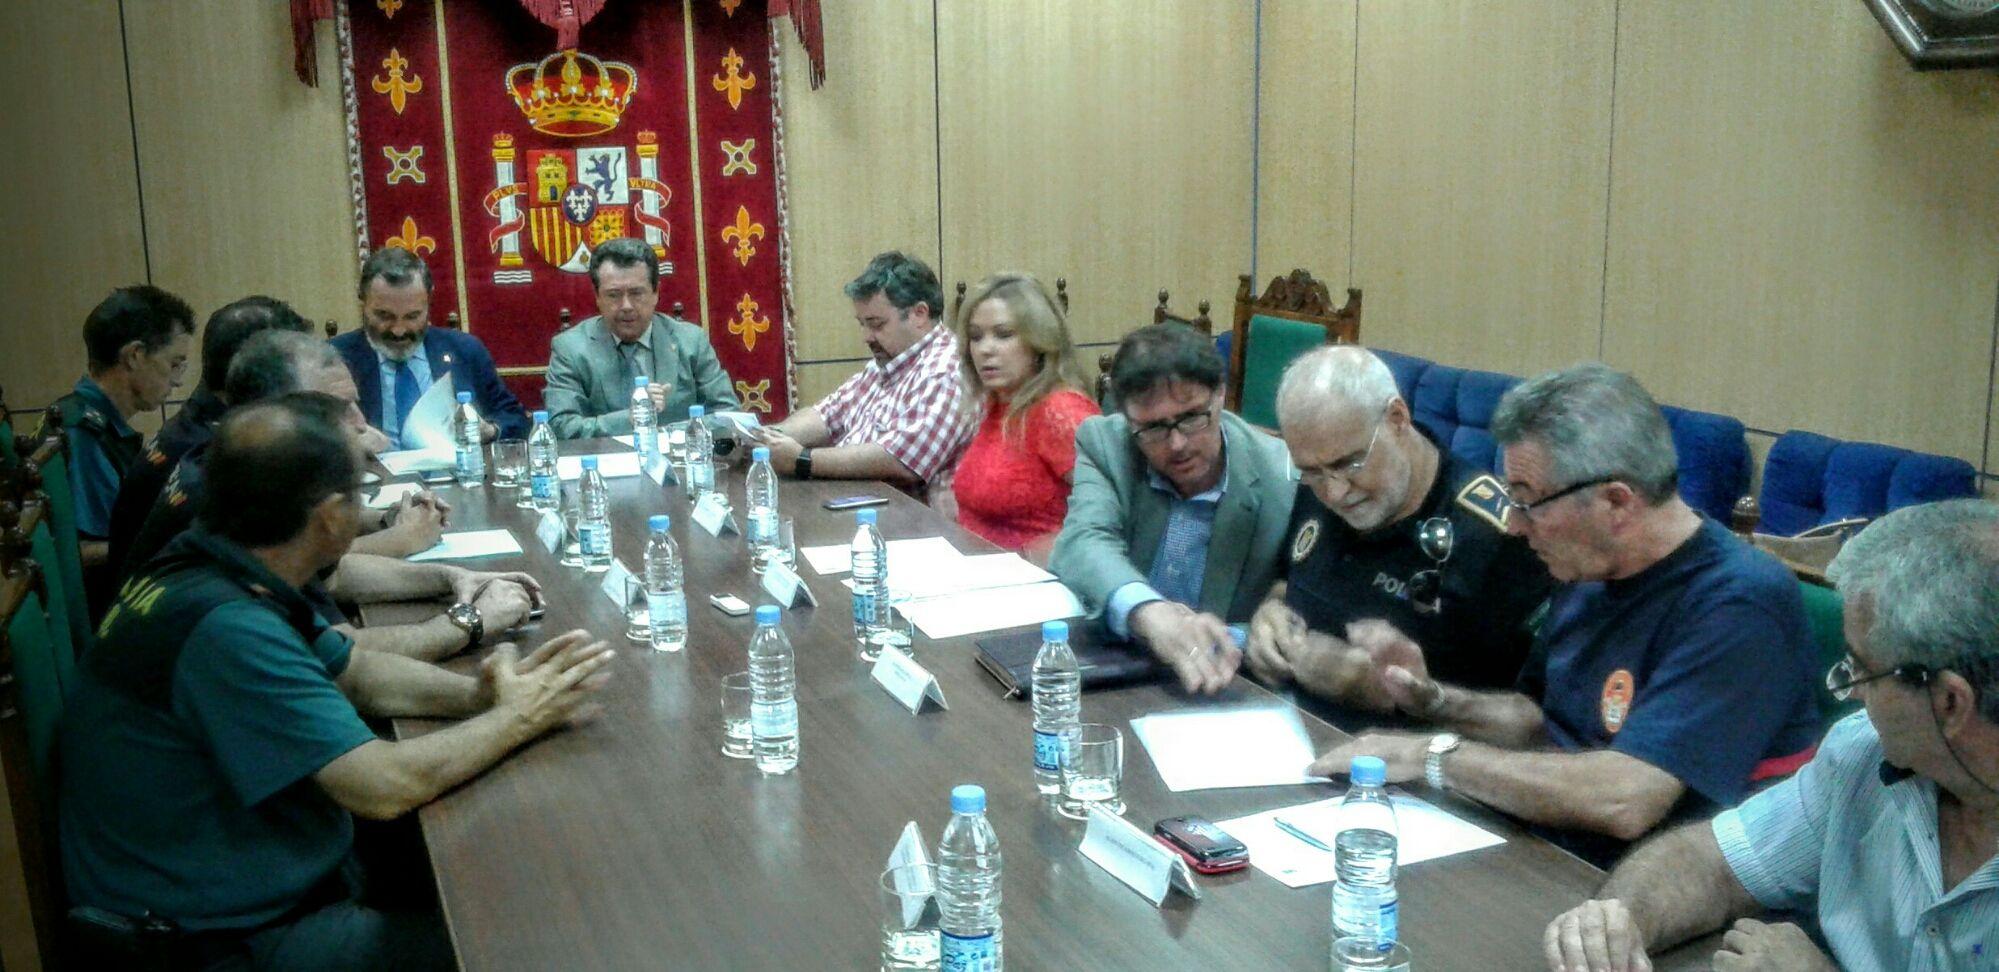 120 efectivos de las FCSE participarán en el dispositivo de la Feria de San Agustín de Linares